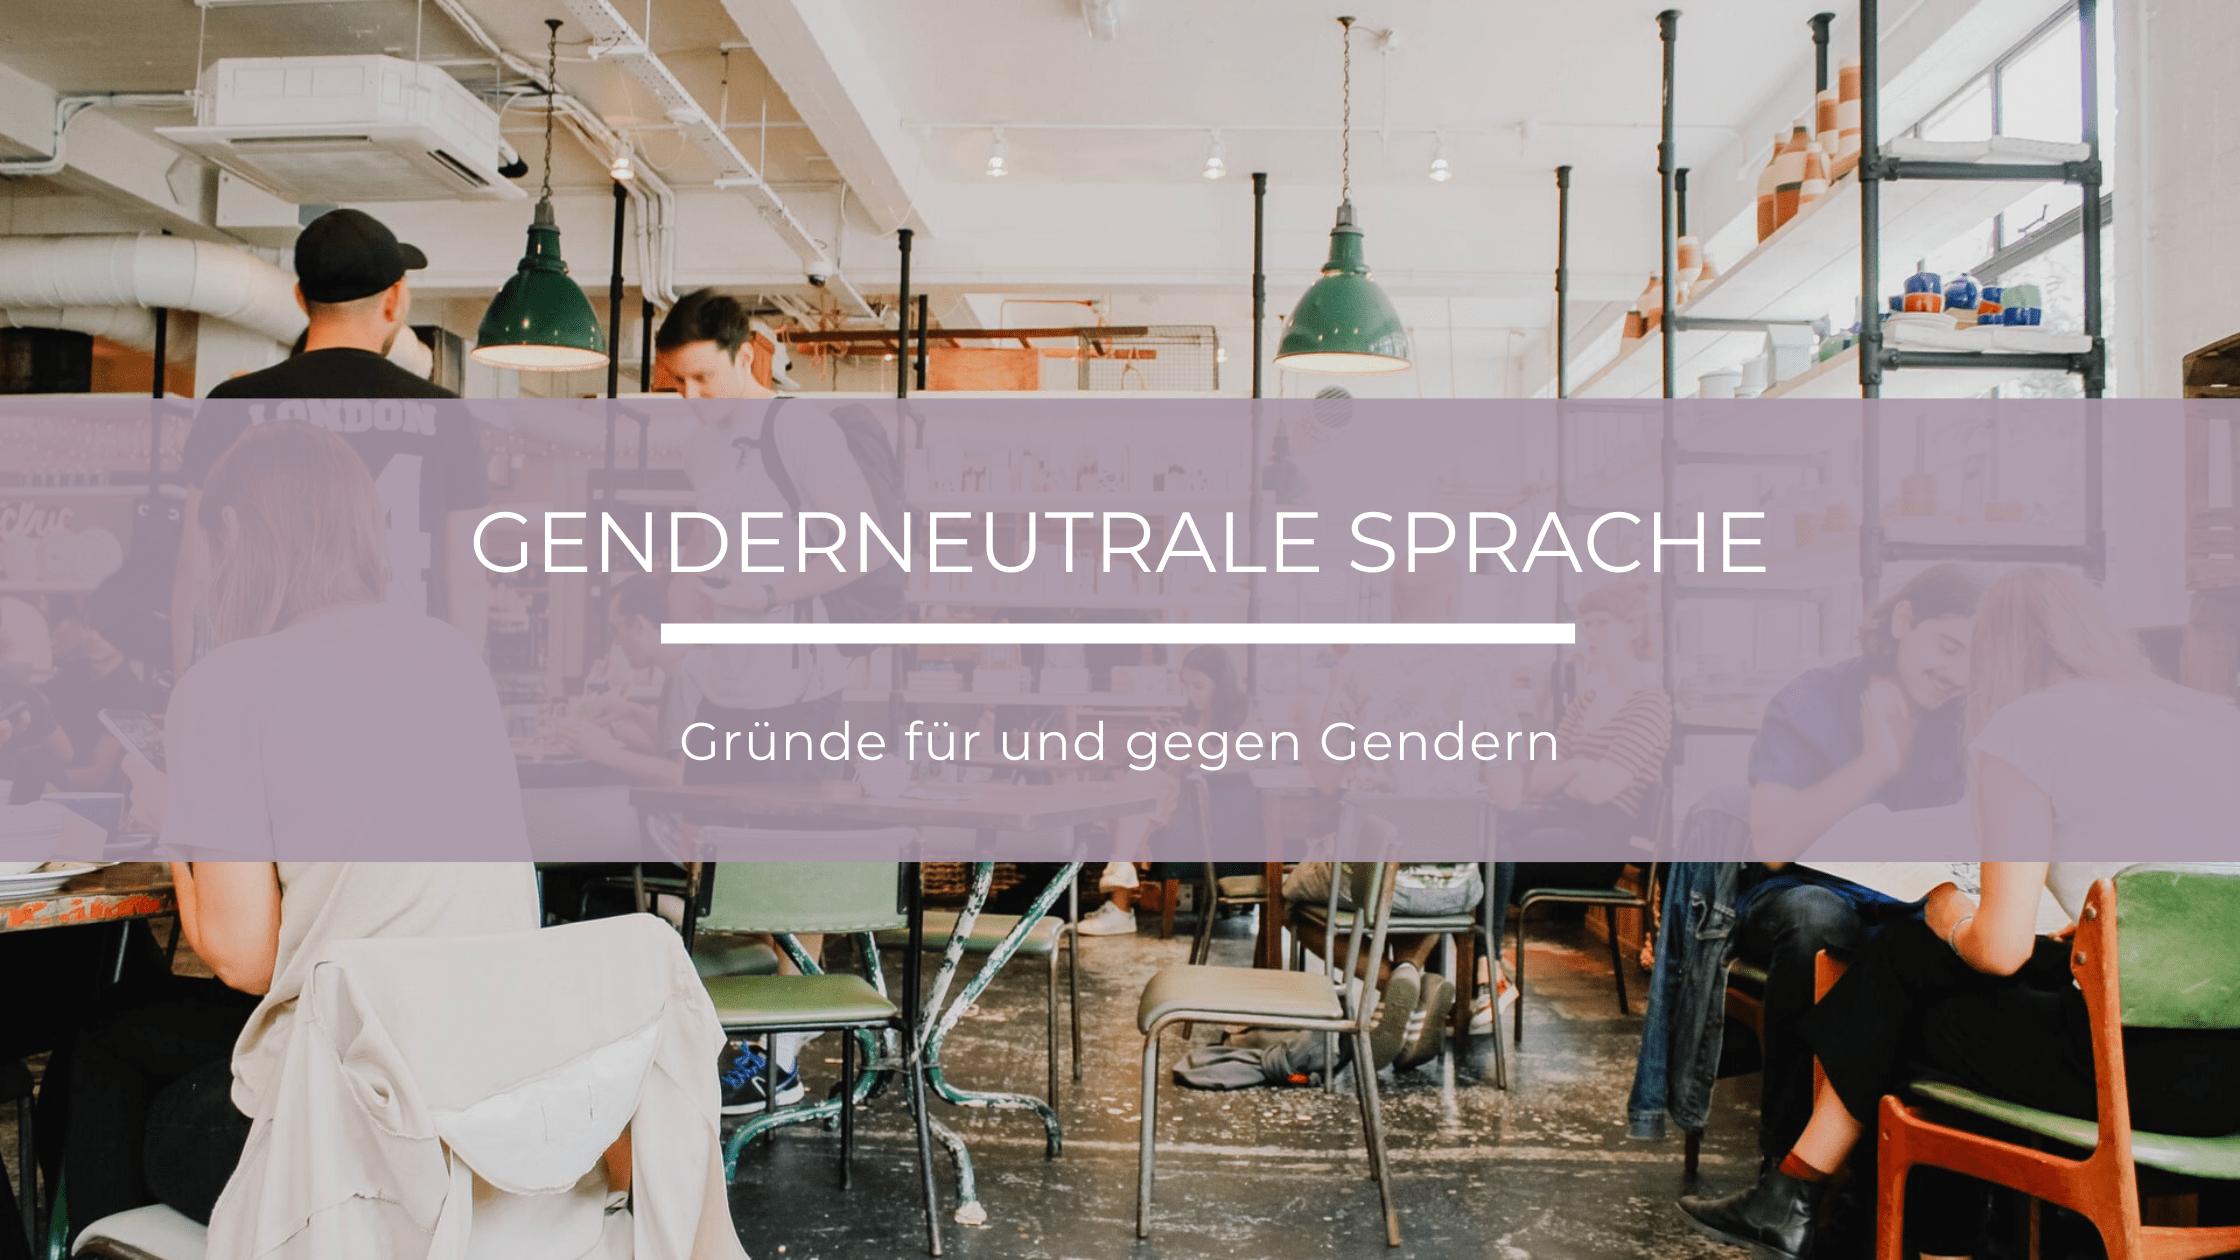 Genderneutrale Sprache – muss dassein?